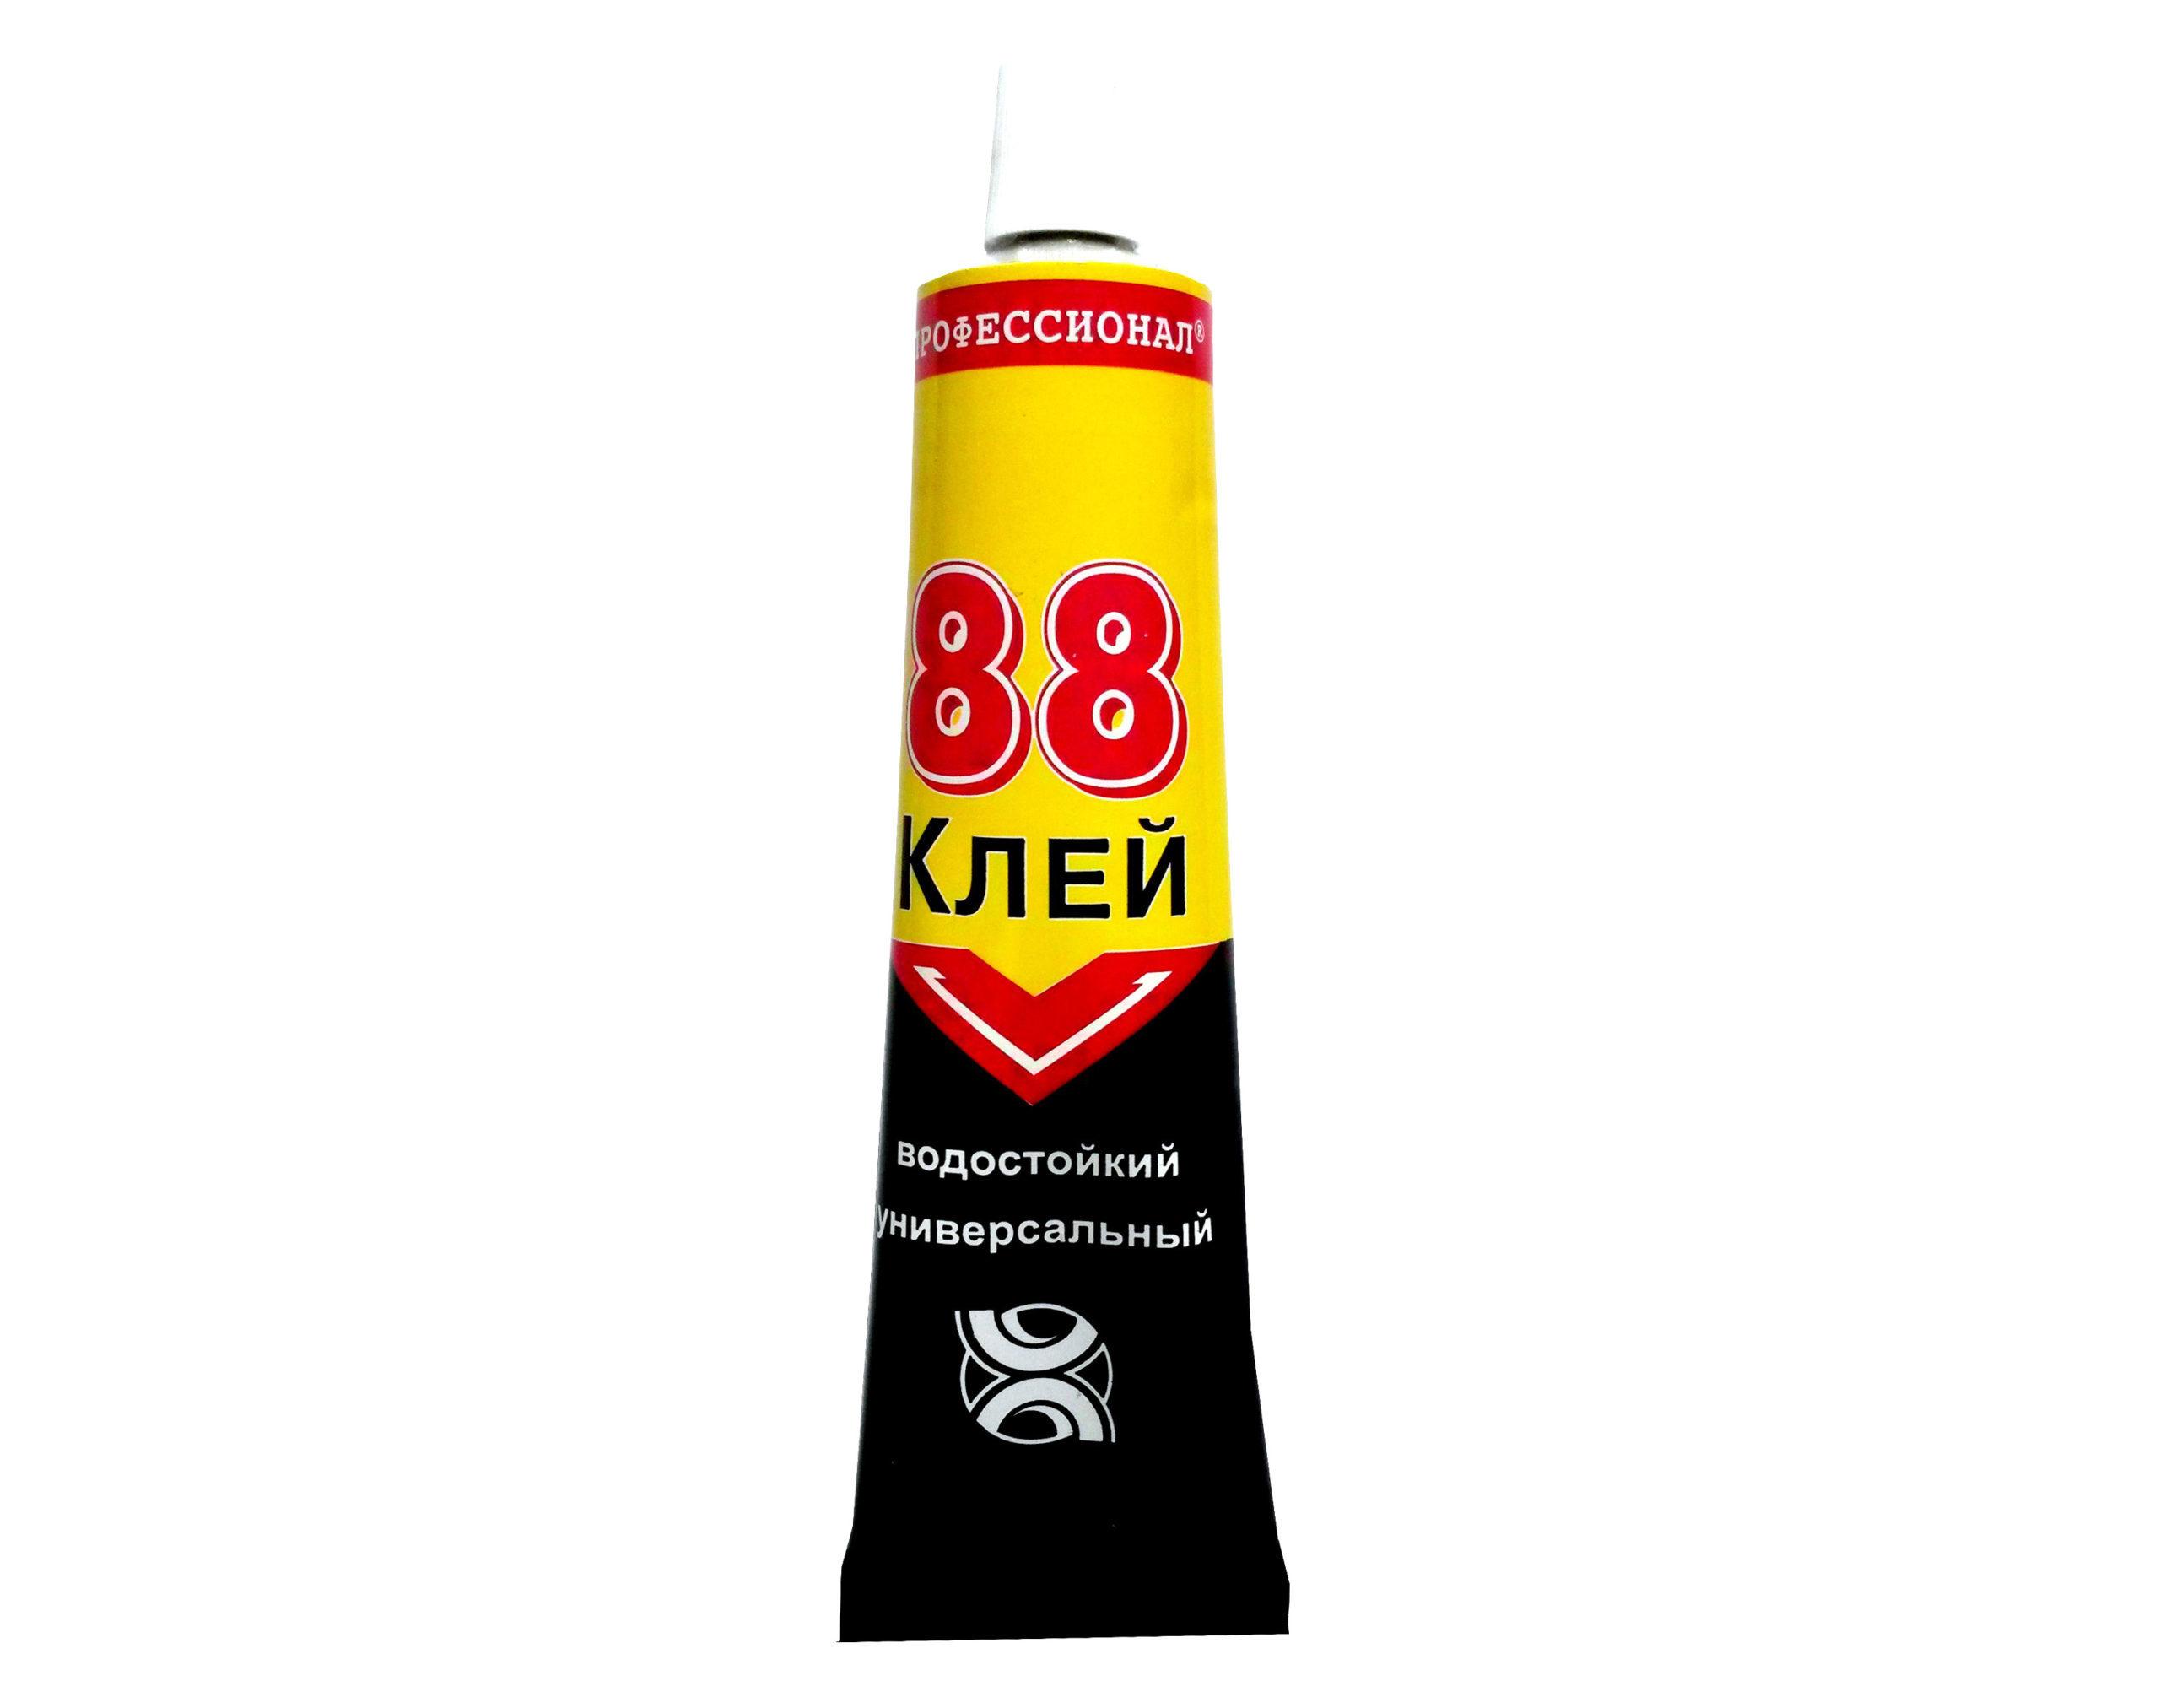 klej-88-1-scaled-5736350